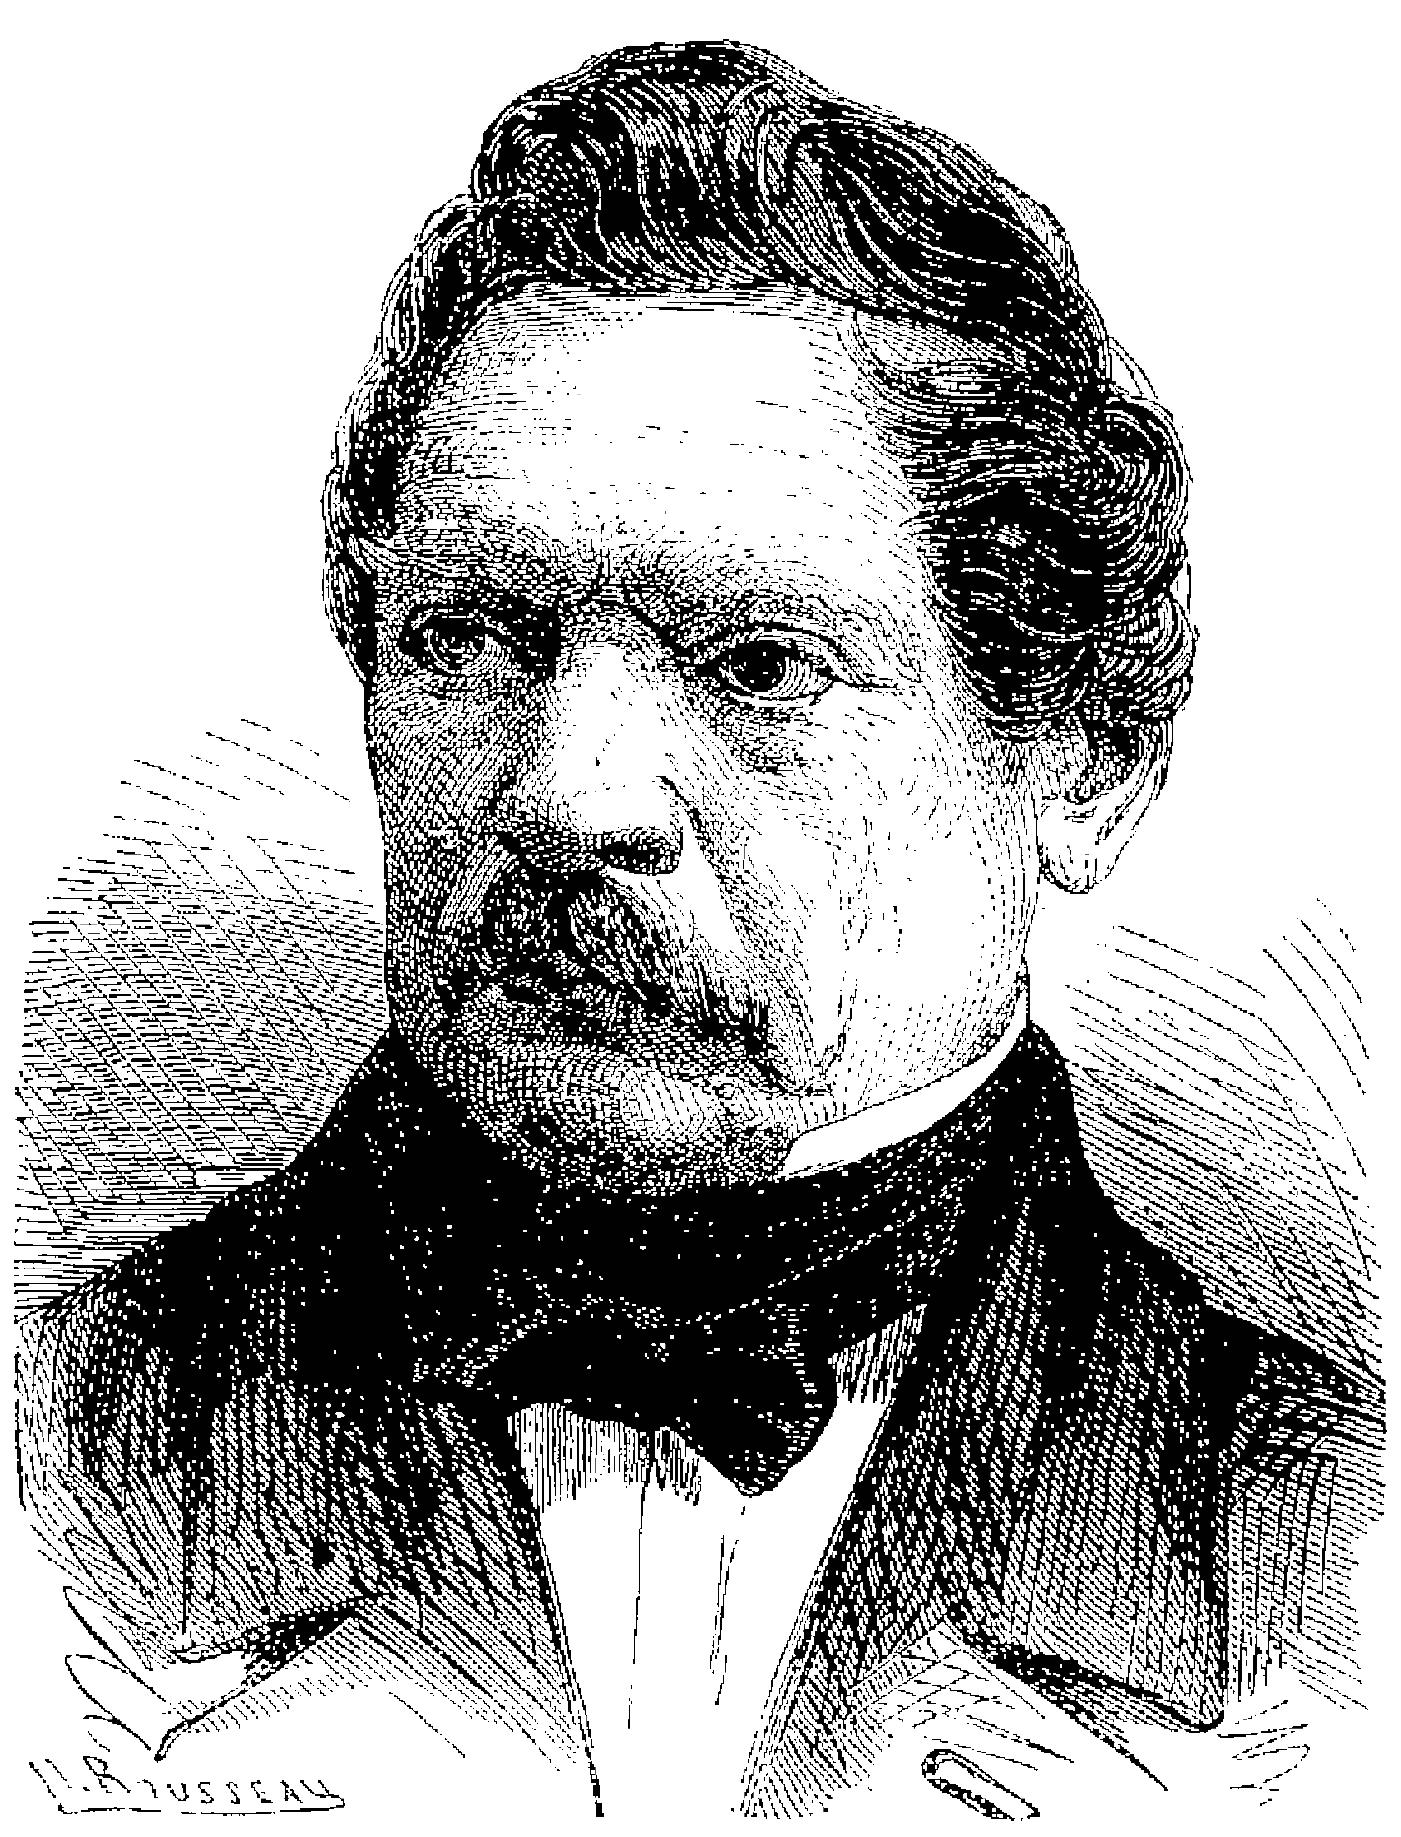 Portrait du Capitaine Henri-Gustave Delvigne, dans Les Merveilles de la science ou description populaire des inventions modernes. Furne, Jouvet et Cie, 1867